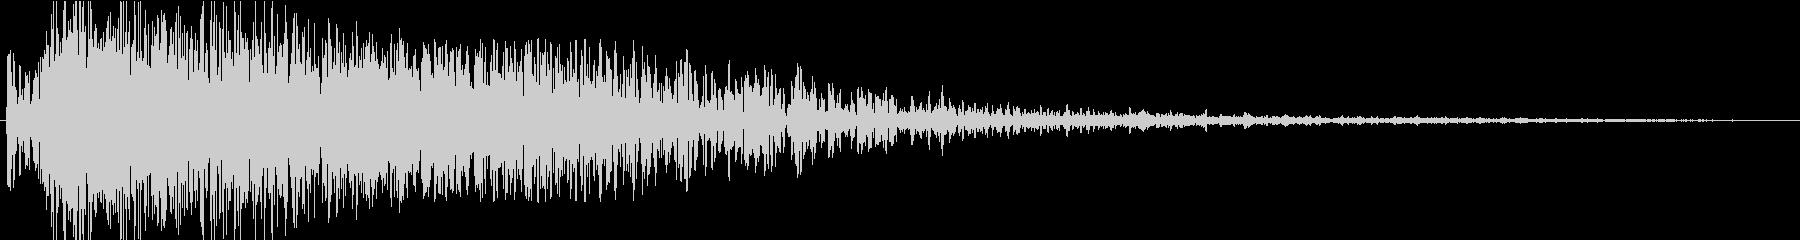 爆発21の未再生の波形